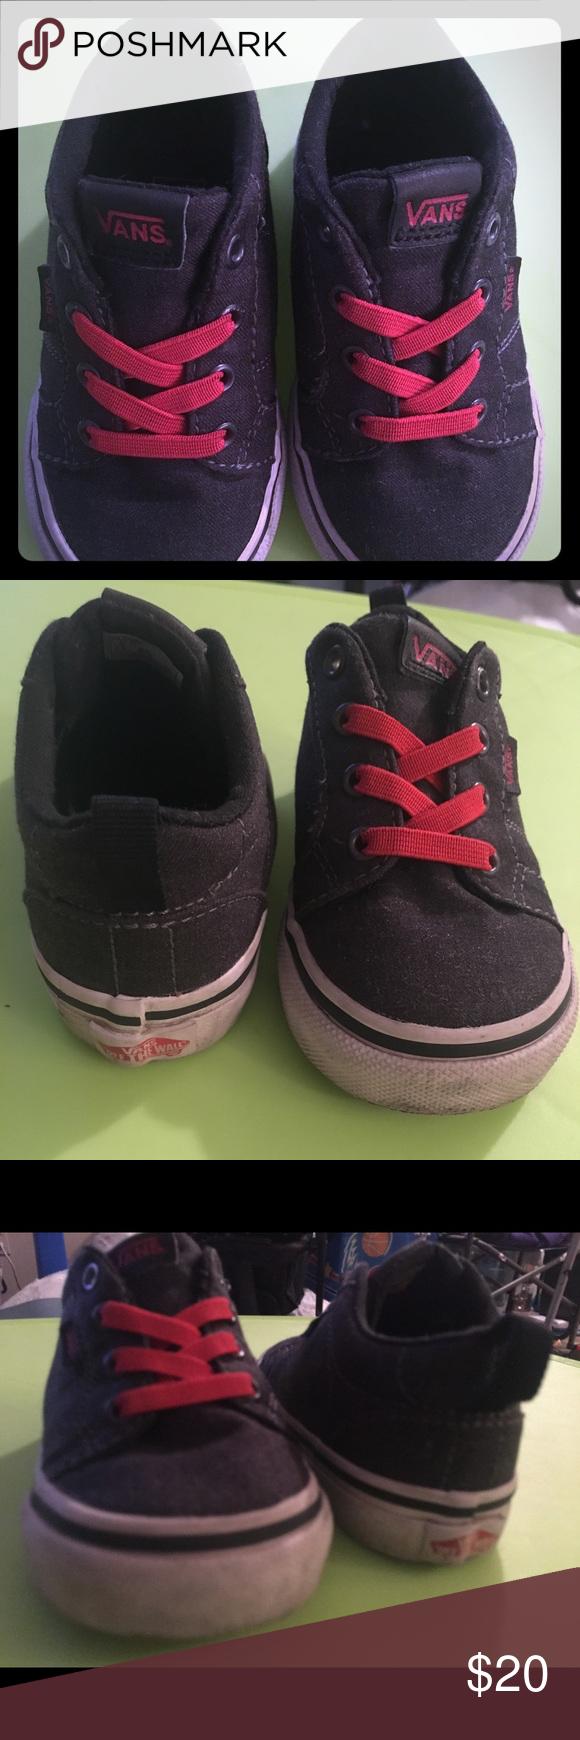 0793da6e70bbf0 Toddler VANS Size 6 Slip On